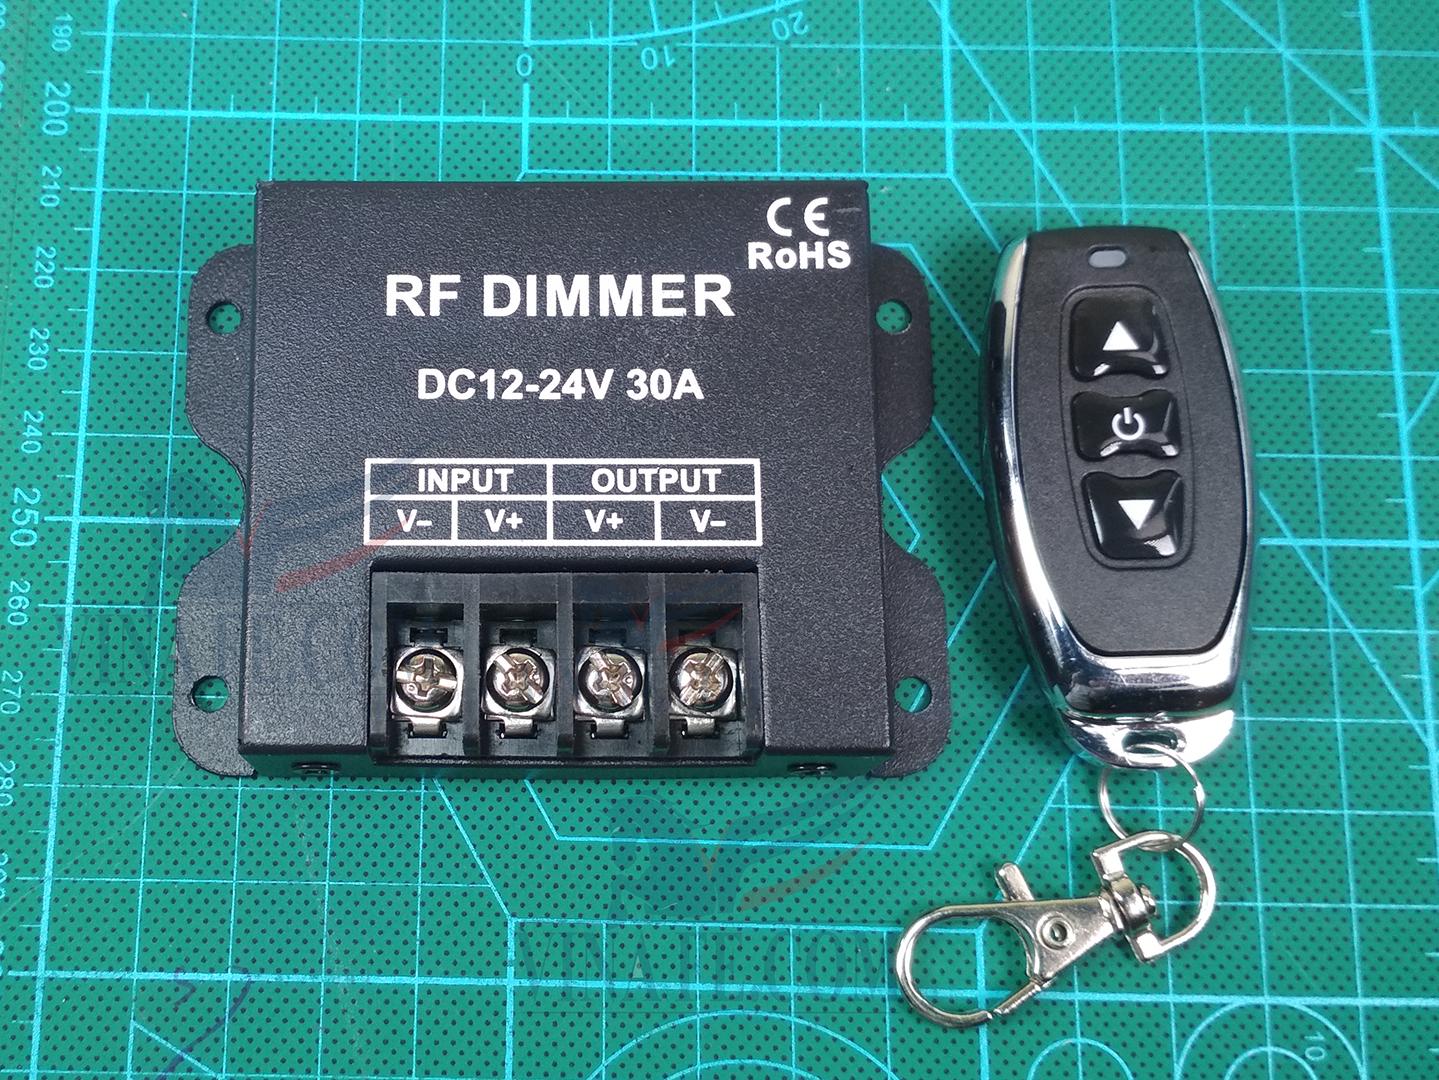 Dimmer Điều Khiển Cuộn Dây Led Từ Xa bằng RF-12-24V 30A